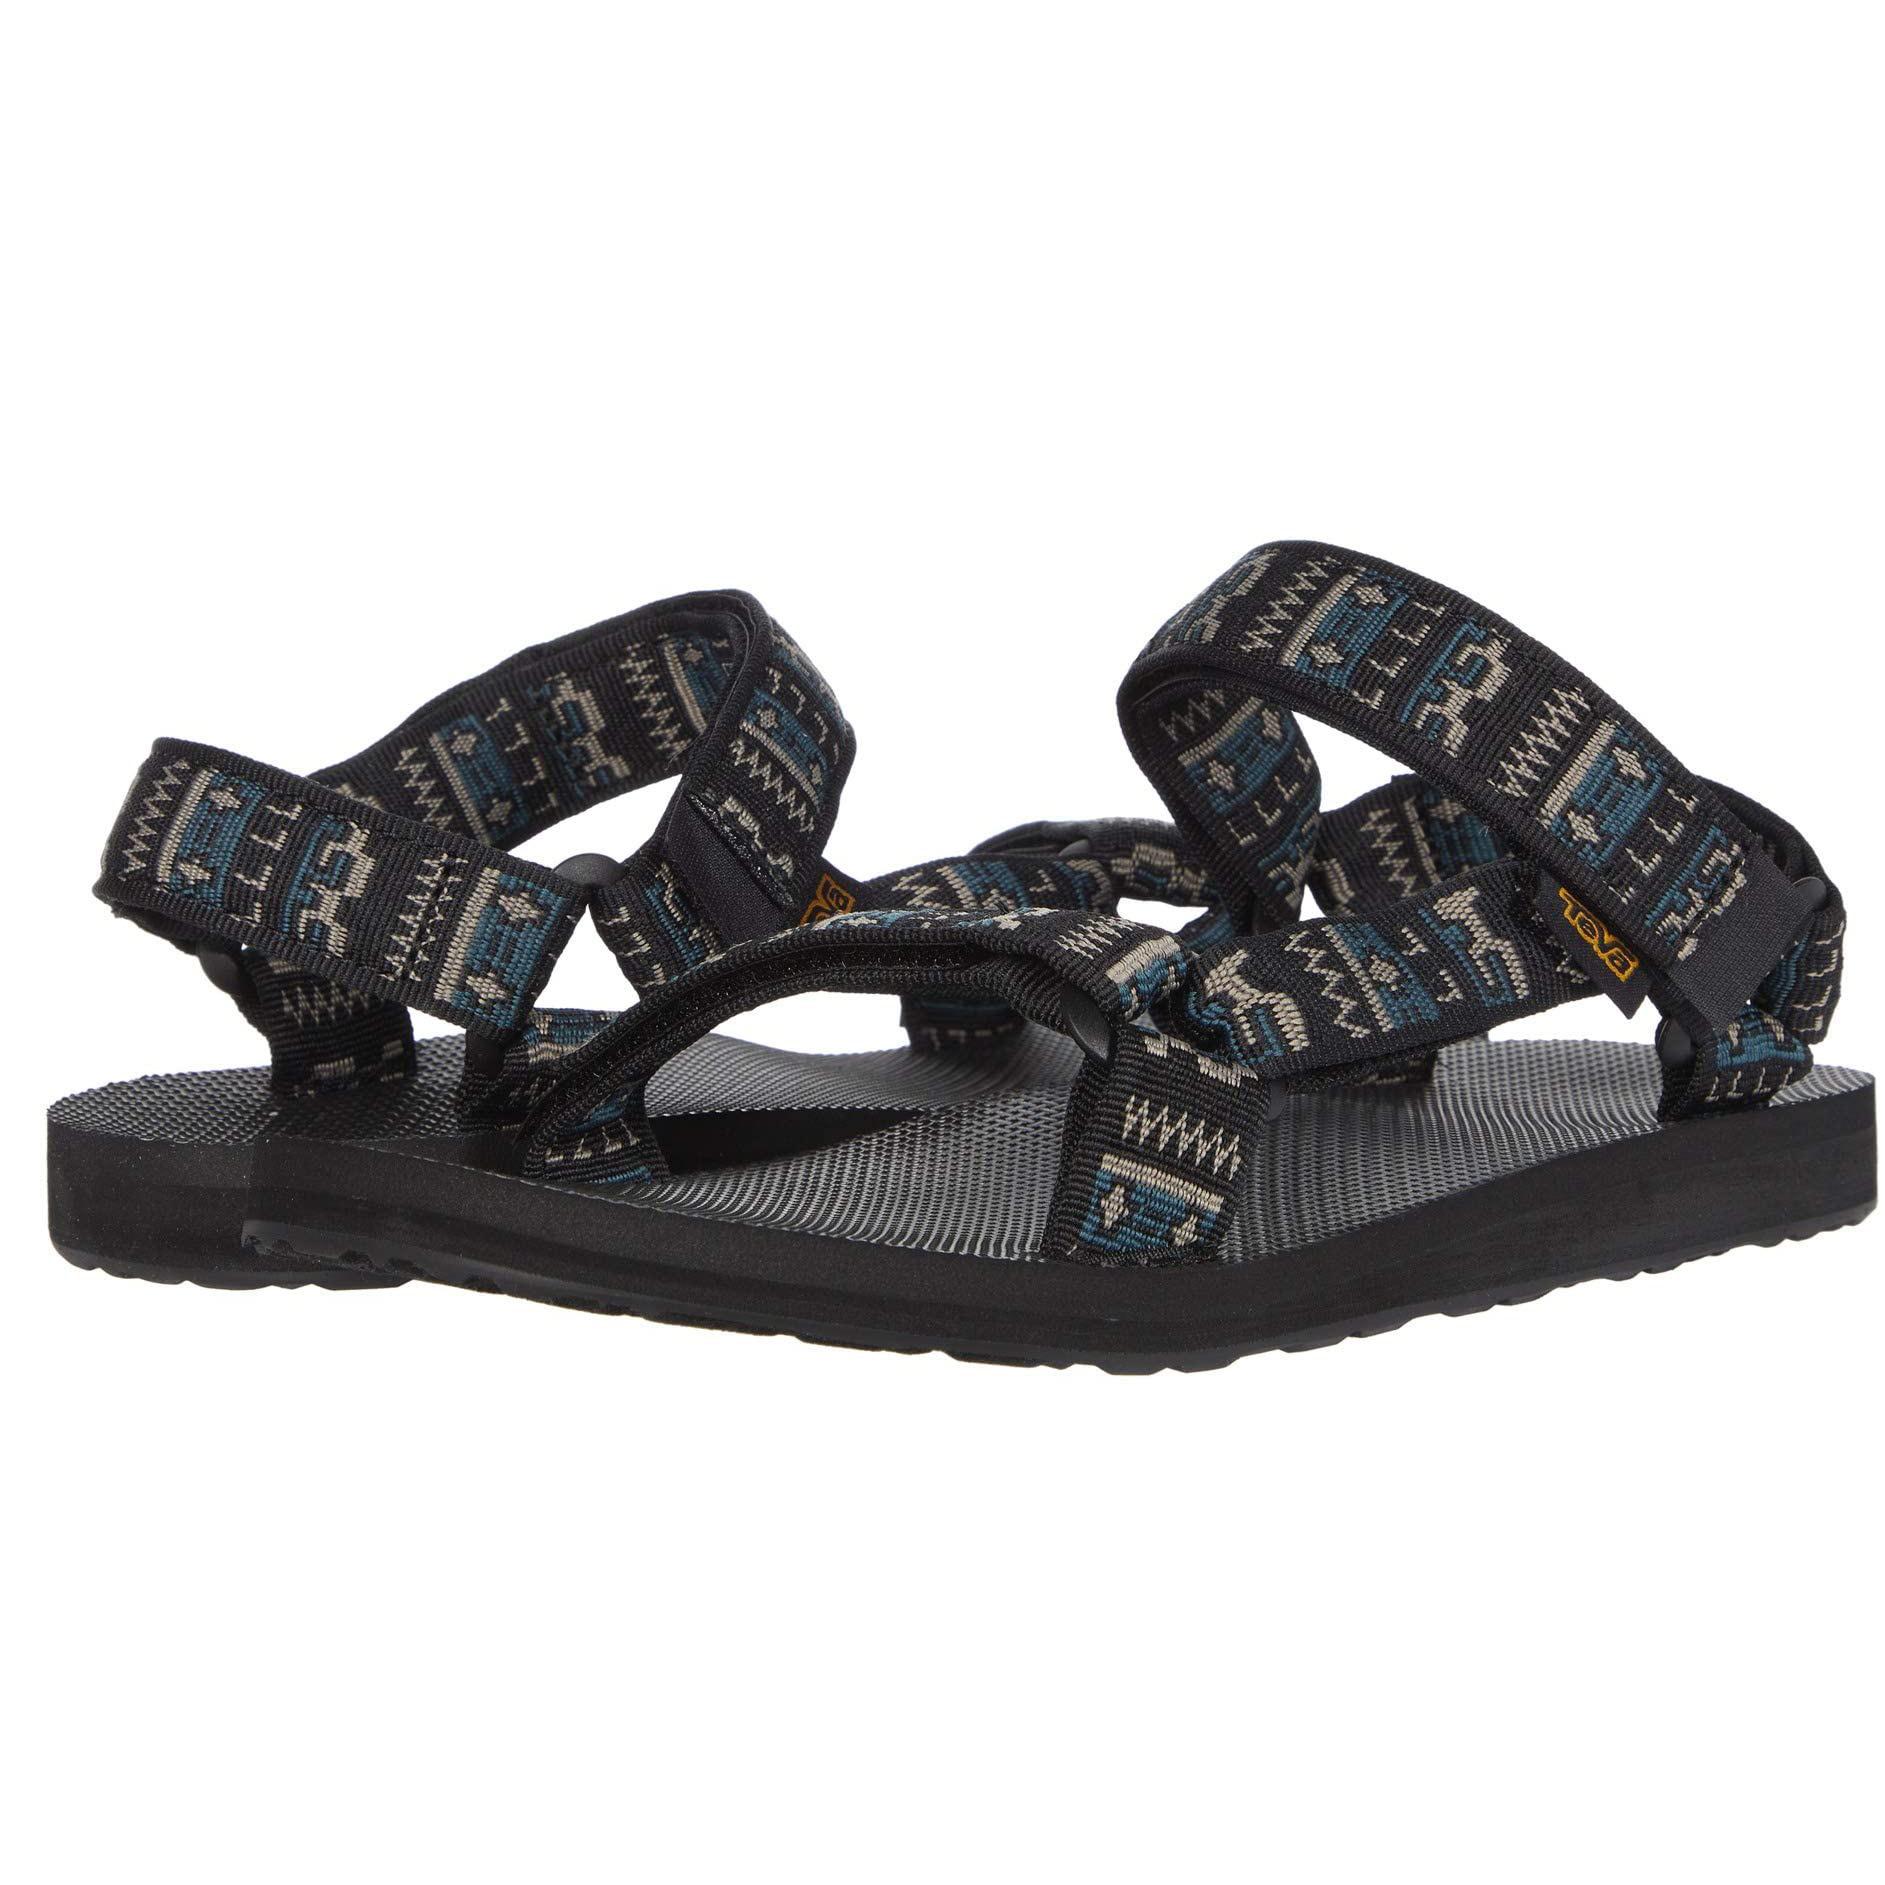 Teva Men's Sandal